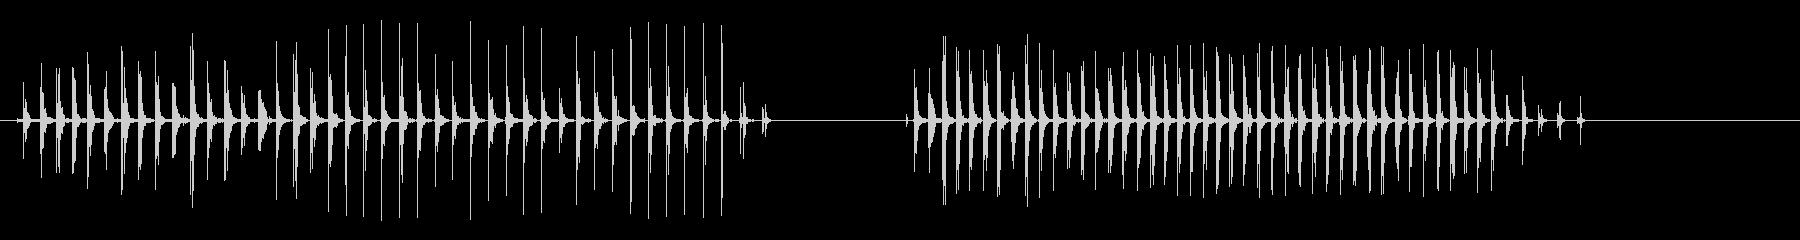 速く歩く木人の未再生の波形